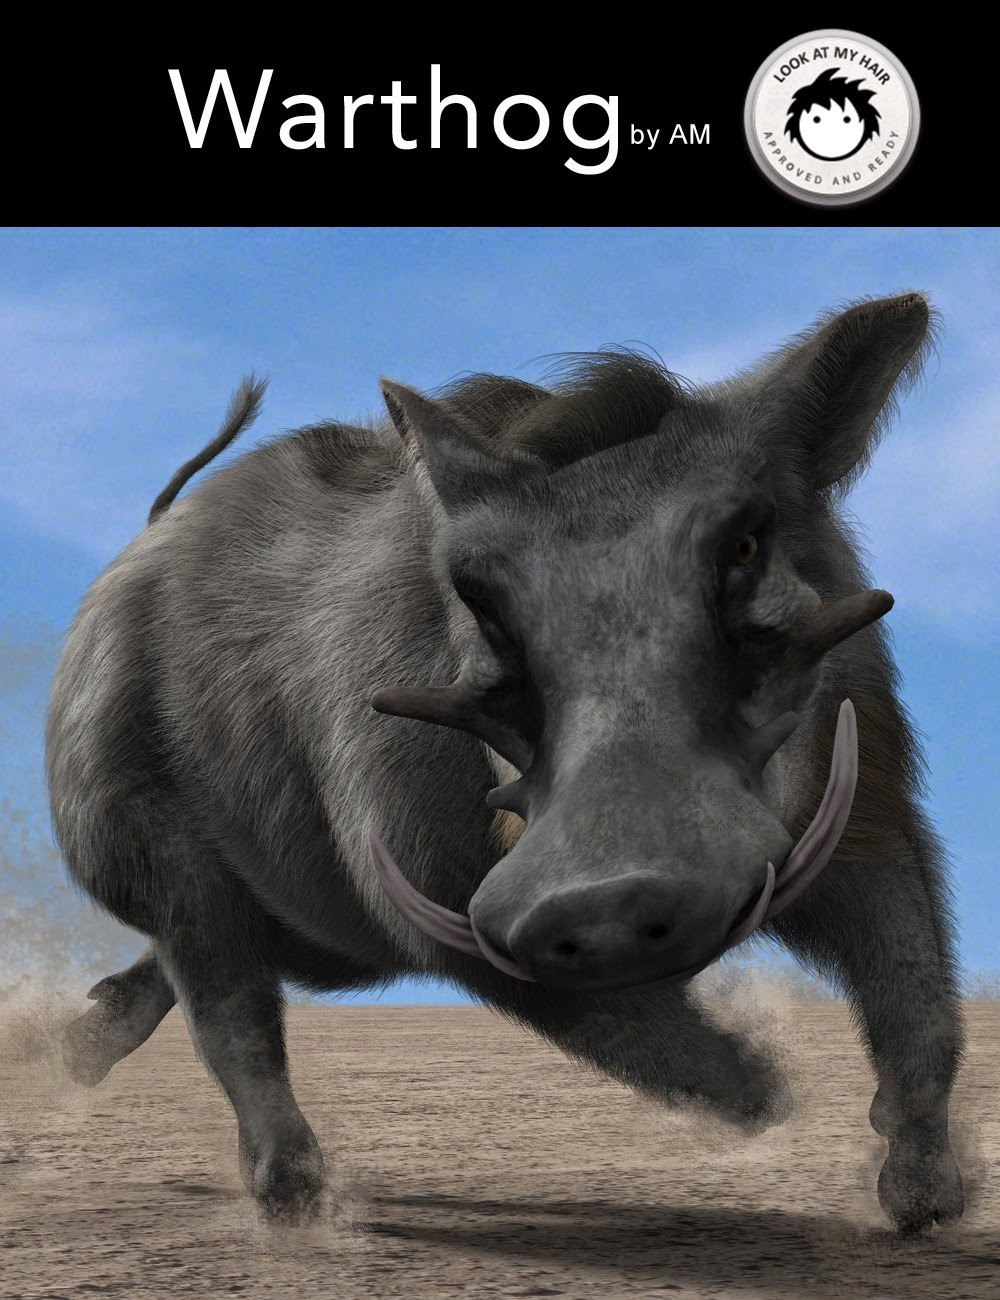 3d Models - Warthog by AM